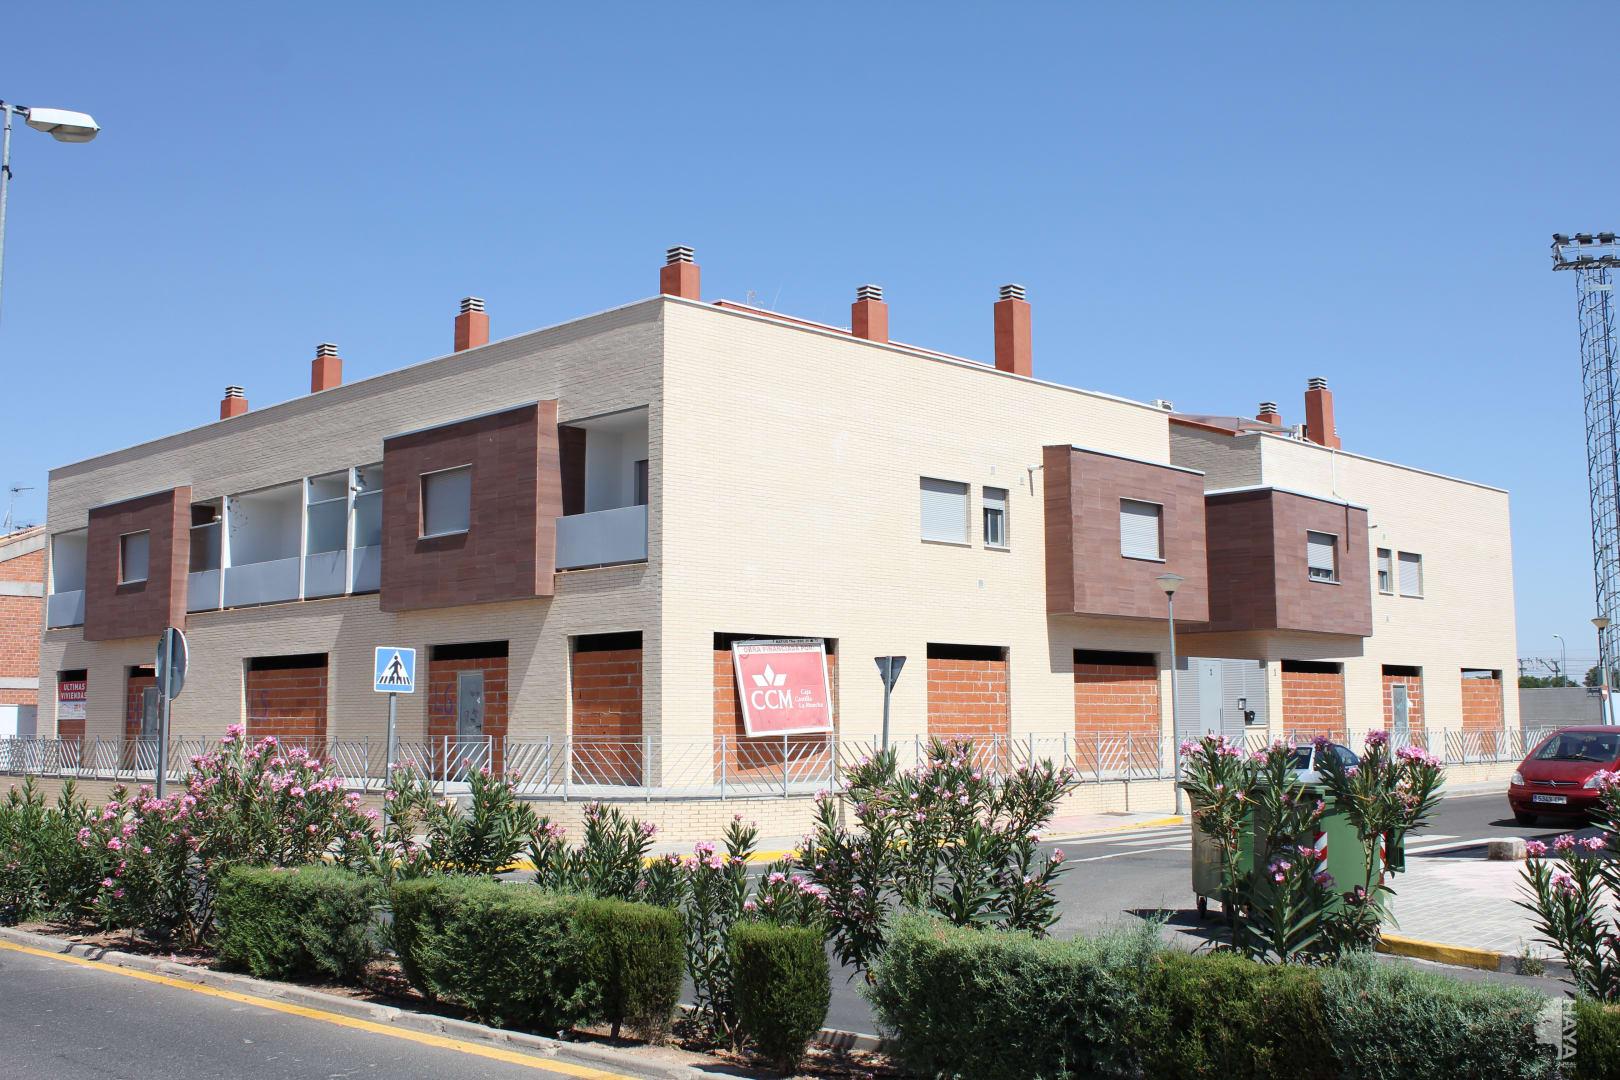 Piso en venta en Miguelturra, Ciudad Real, Calle Chavela Vargas, 52.900 €, 2 habitaciones, 2 baños, 121 m2